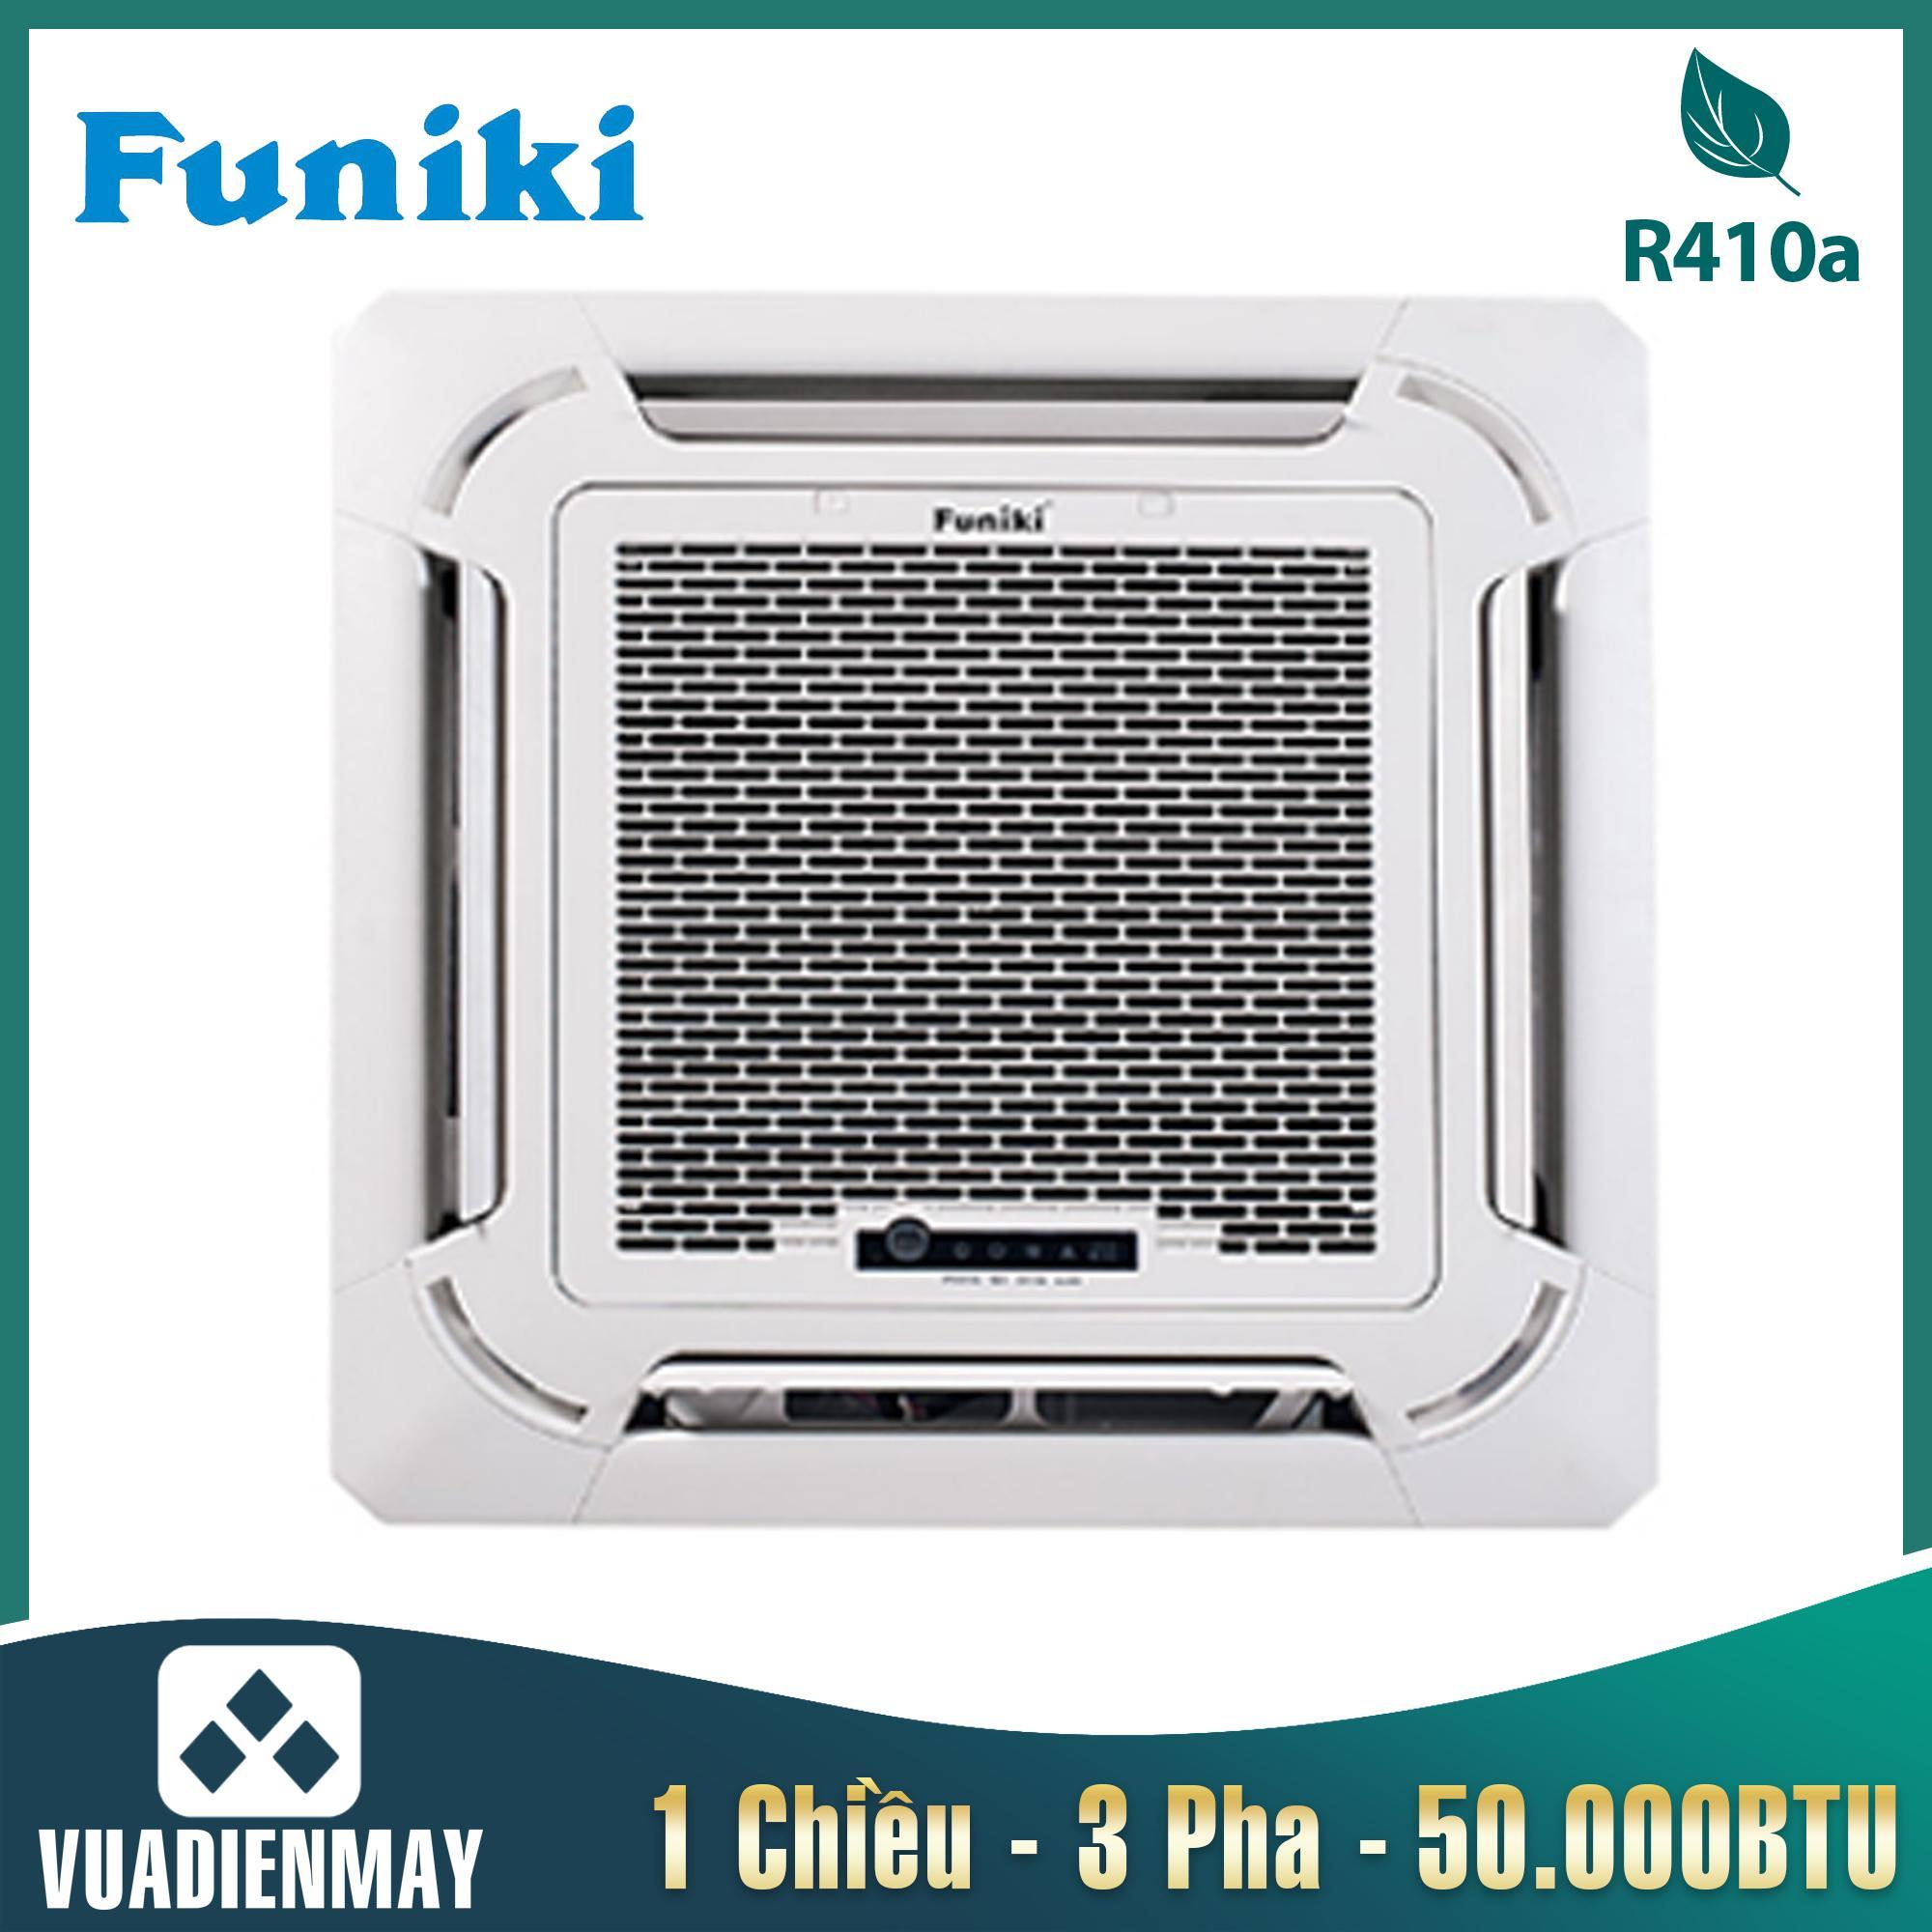 CC50MMC, Điều hòa âm trần Funiki 50000BTU 1 chiều